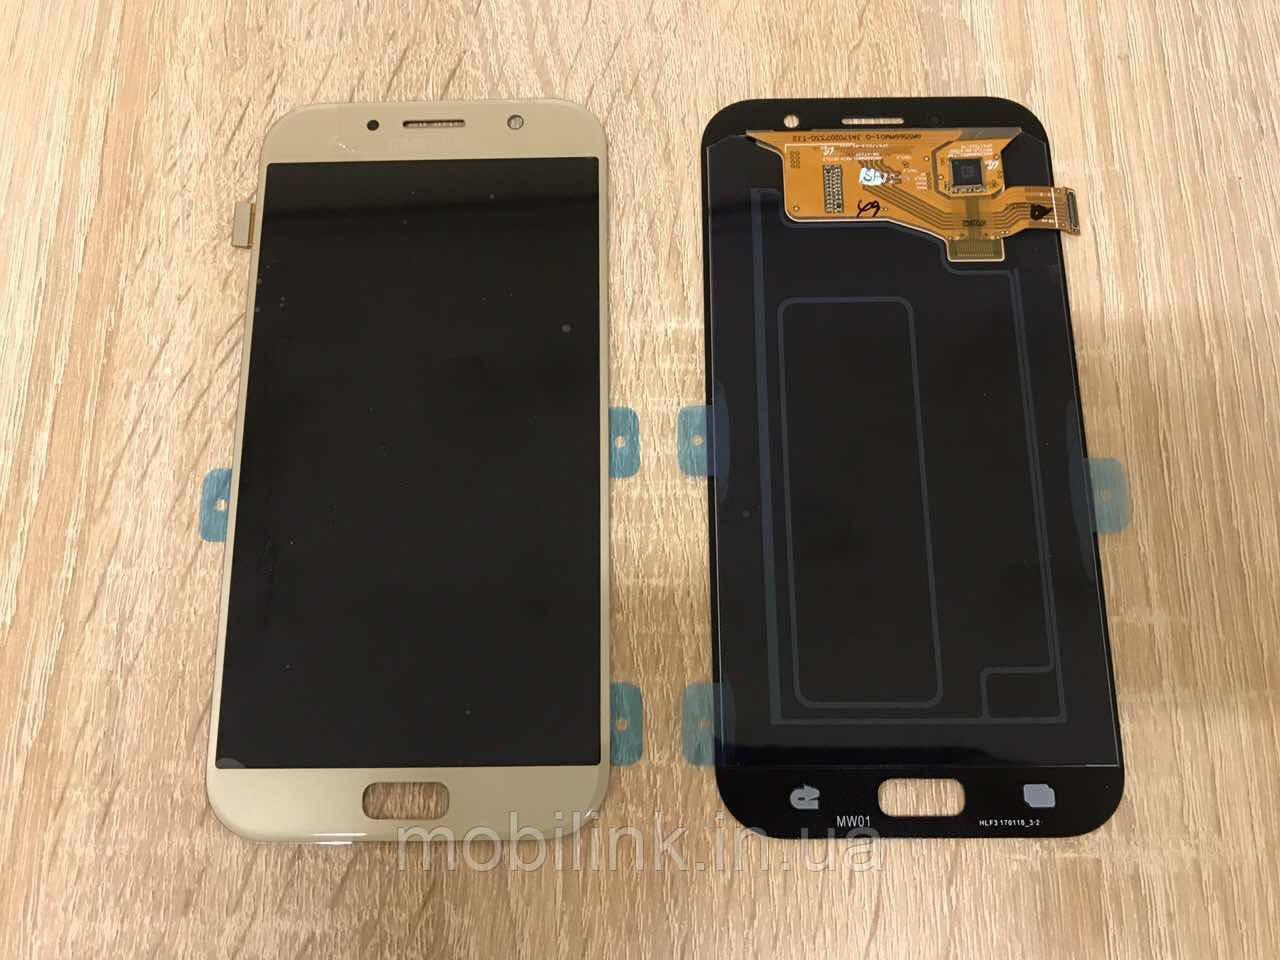 Дисплей на Samsung A720 Galaxy A7(2017) Золото(Gold),GH97-19723B, Super AMOLED!